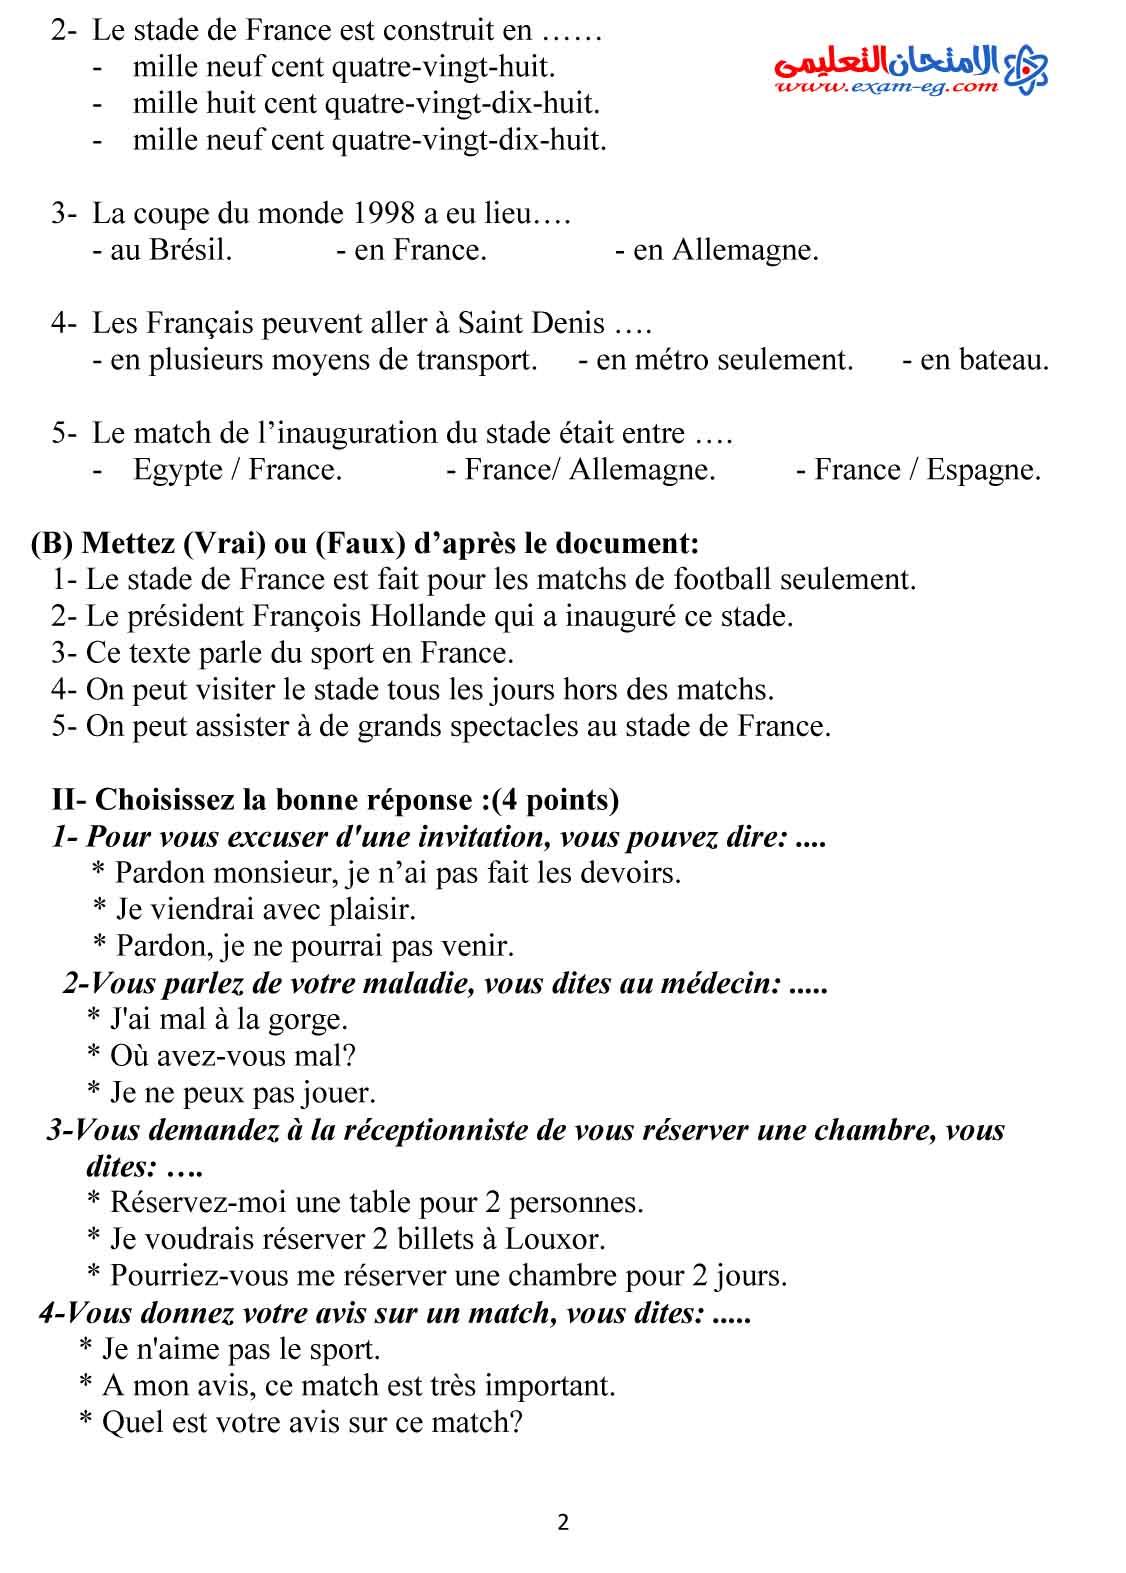 لغة فرنسية 1 - مدرسة اون لاين-2